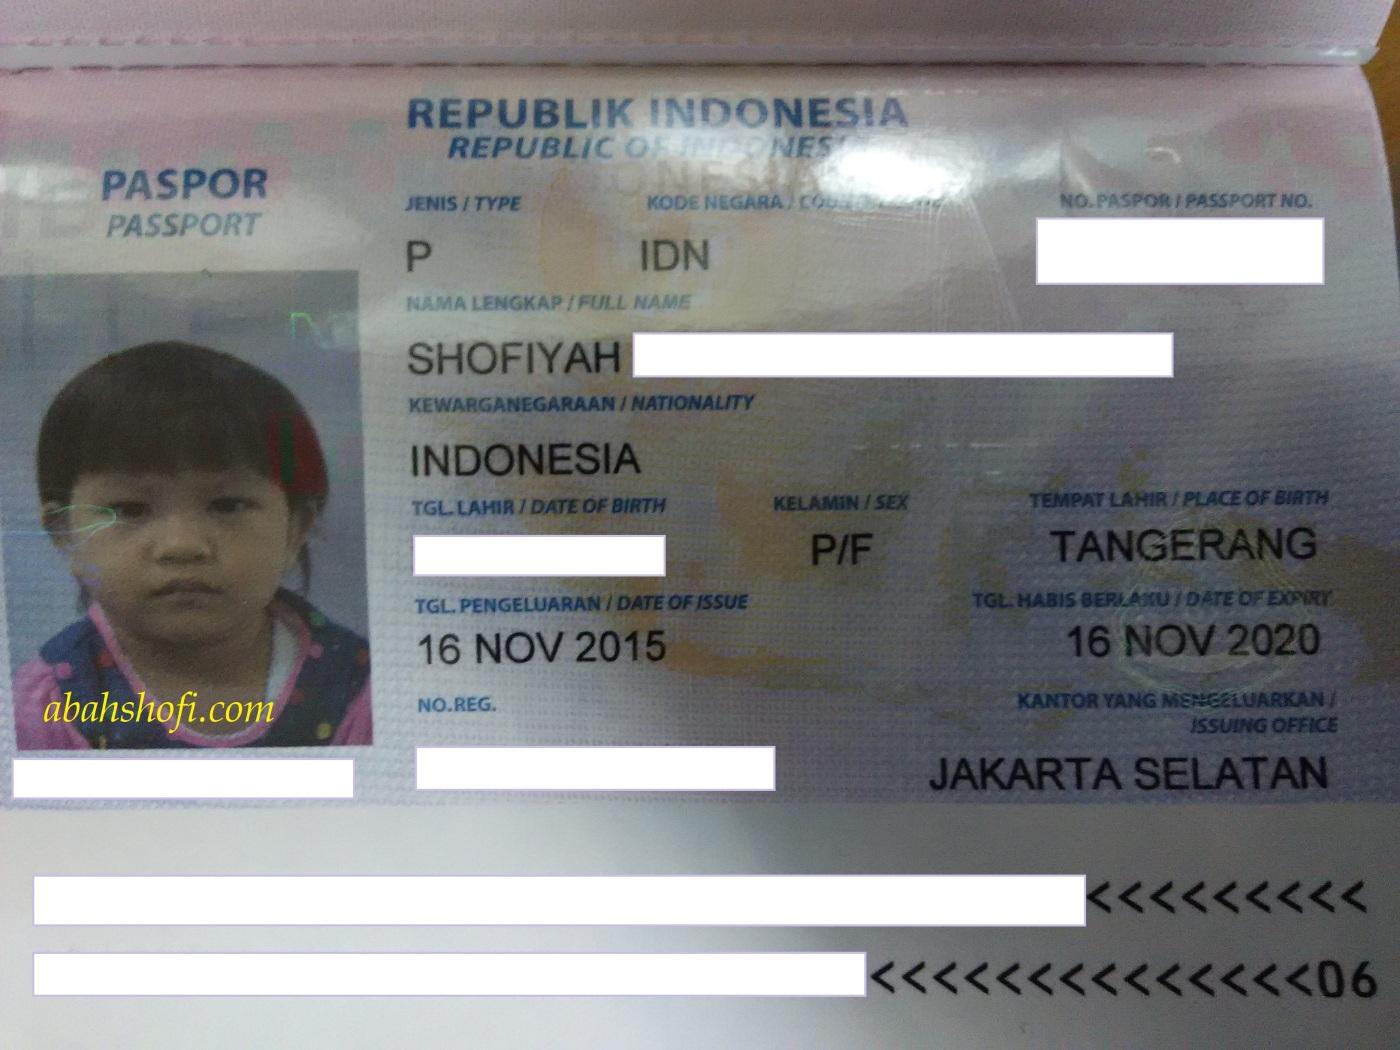 paspor shofiyah